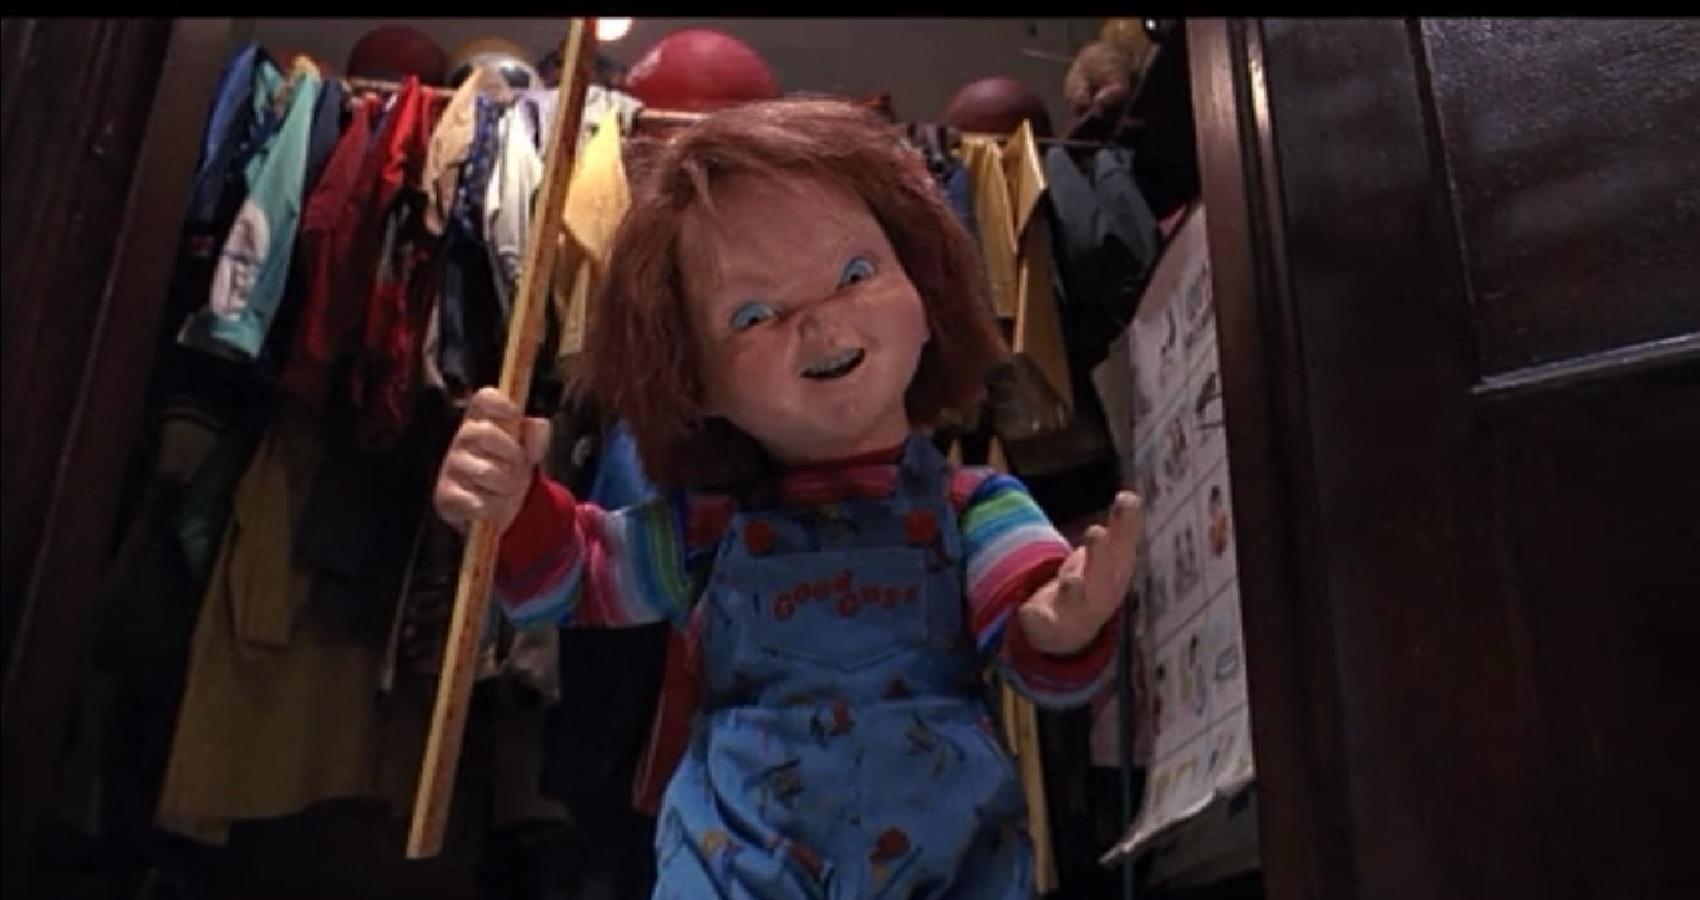 Childs-Play-Netflix-Chucky